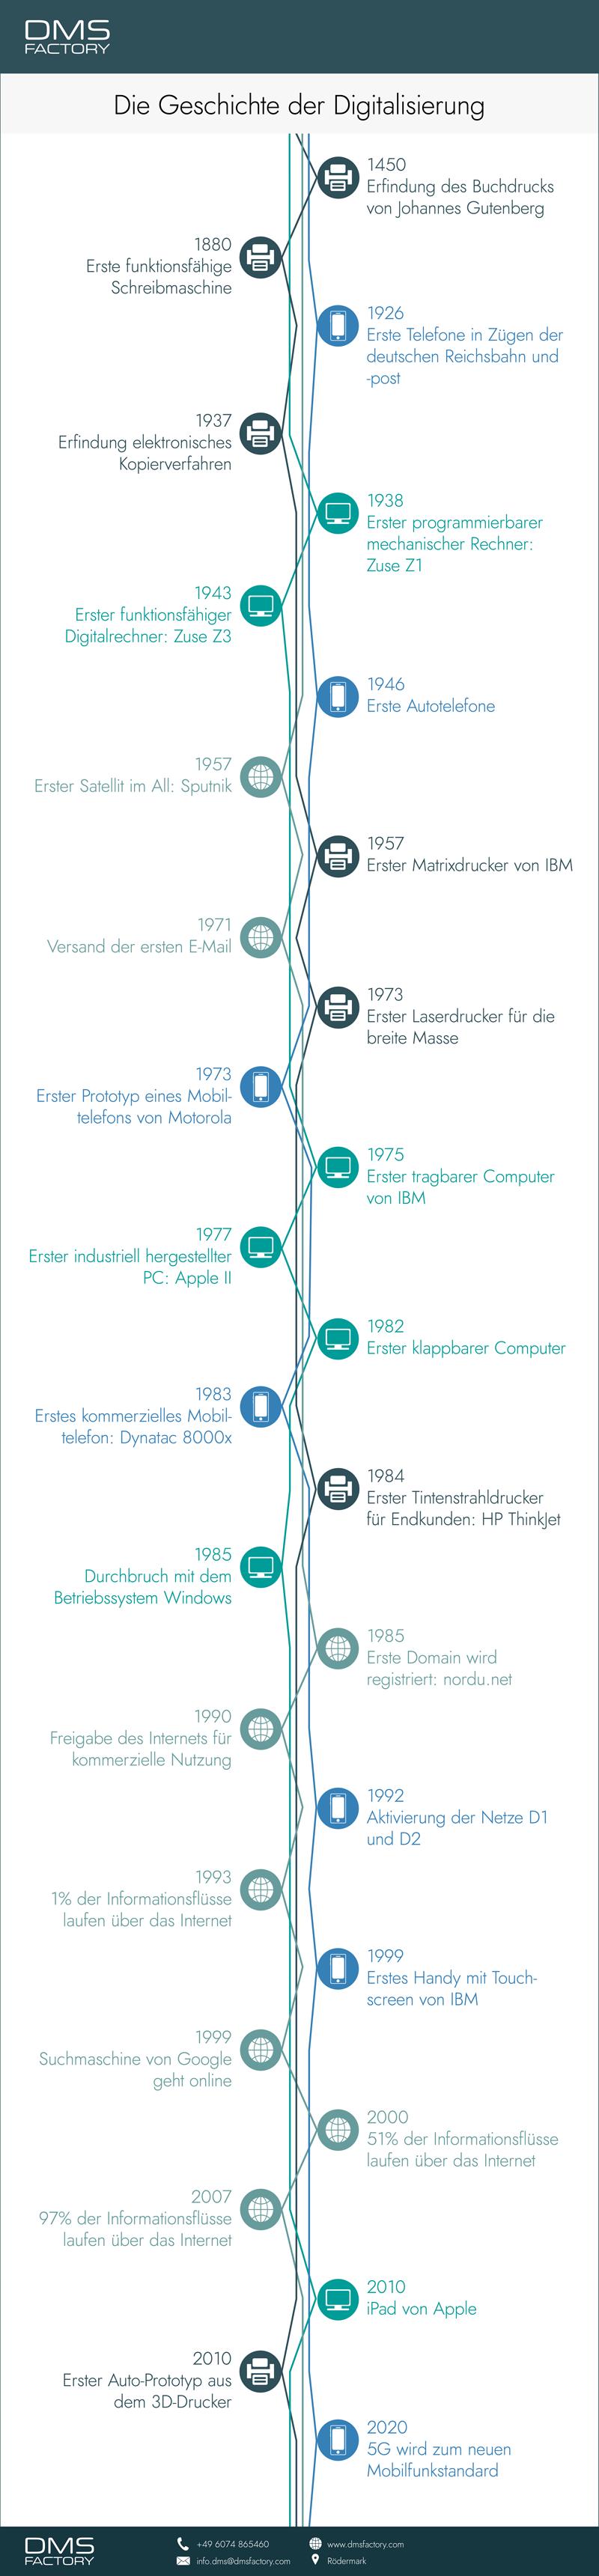 Infografik - Entwicklung der Digitalisierung